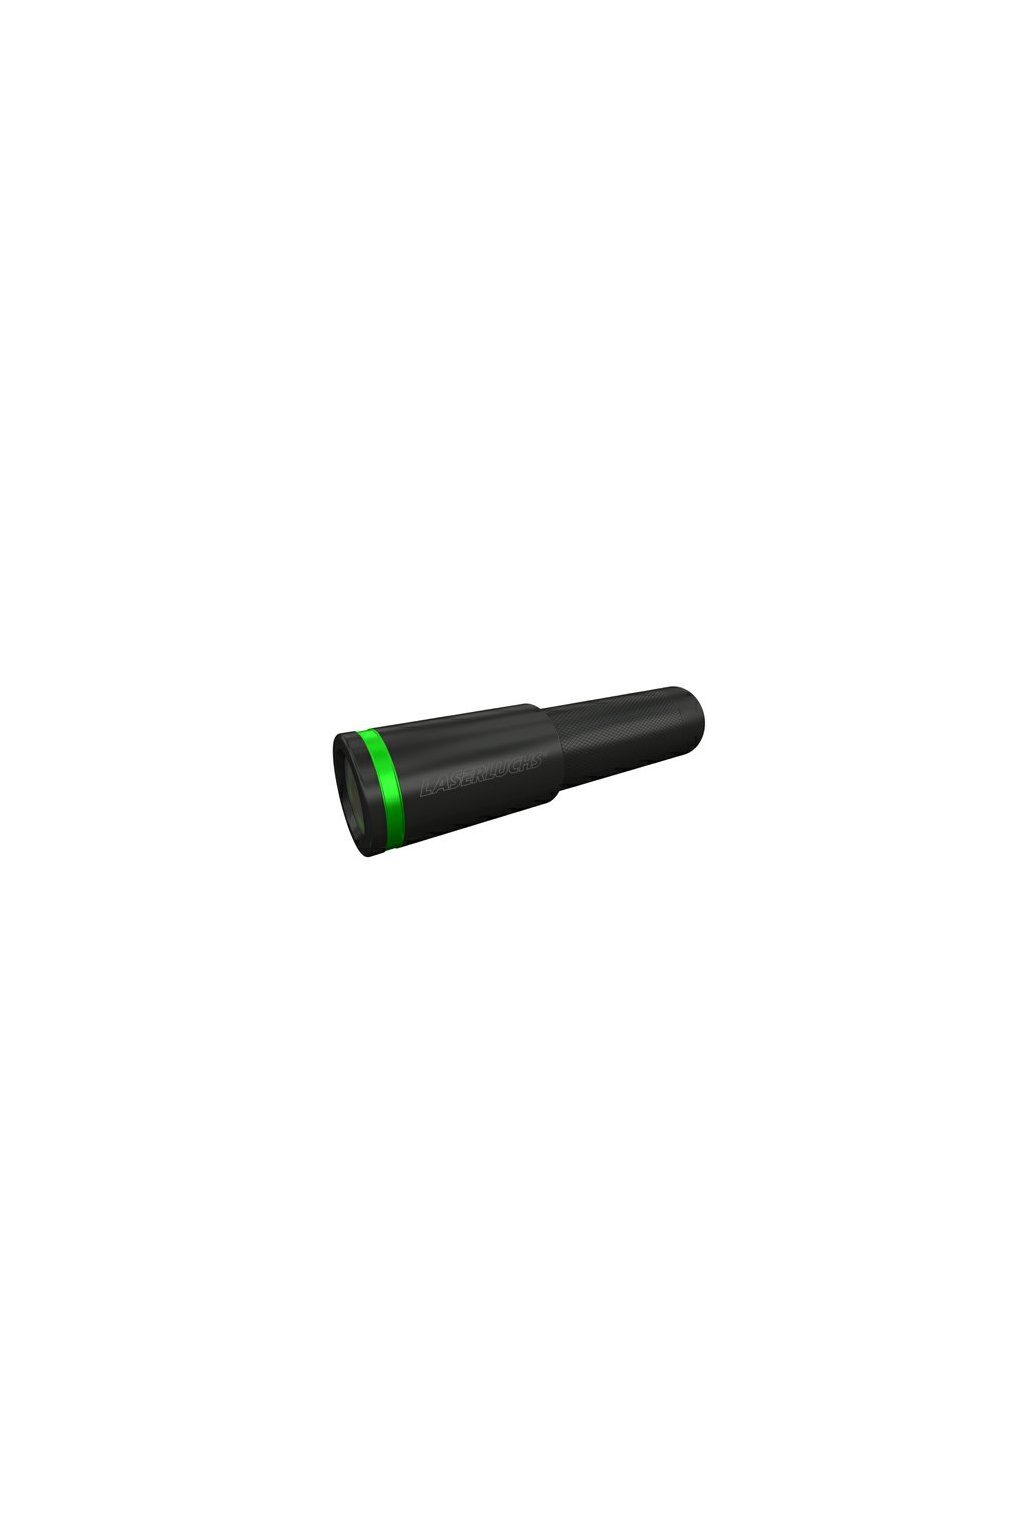 2la850‐50‐pro original